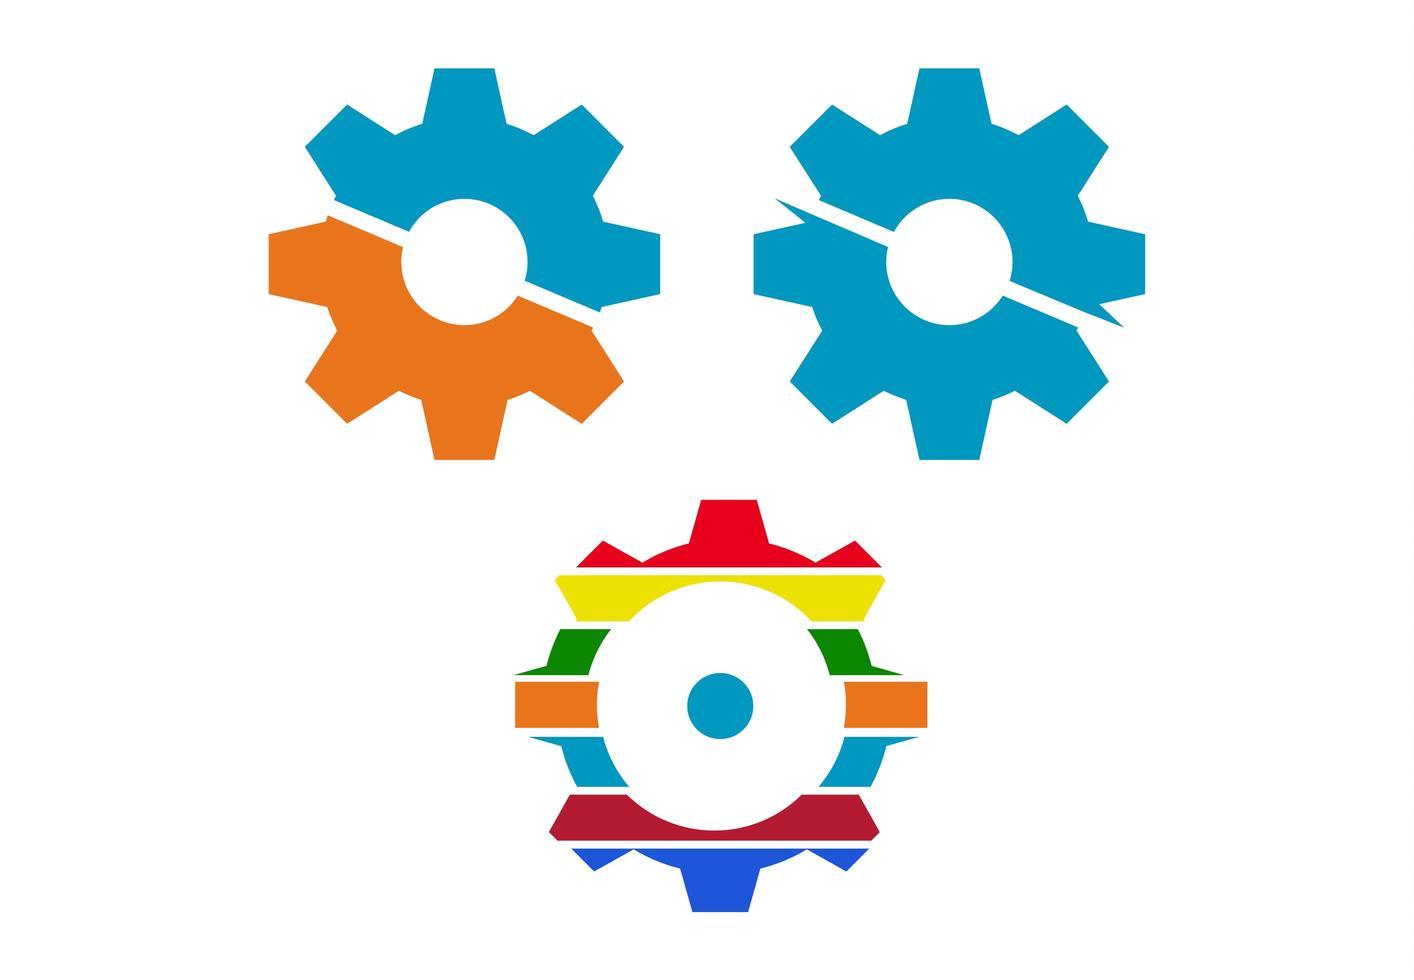 icone di ingranaggi colorati alla moda vettore